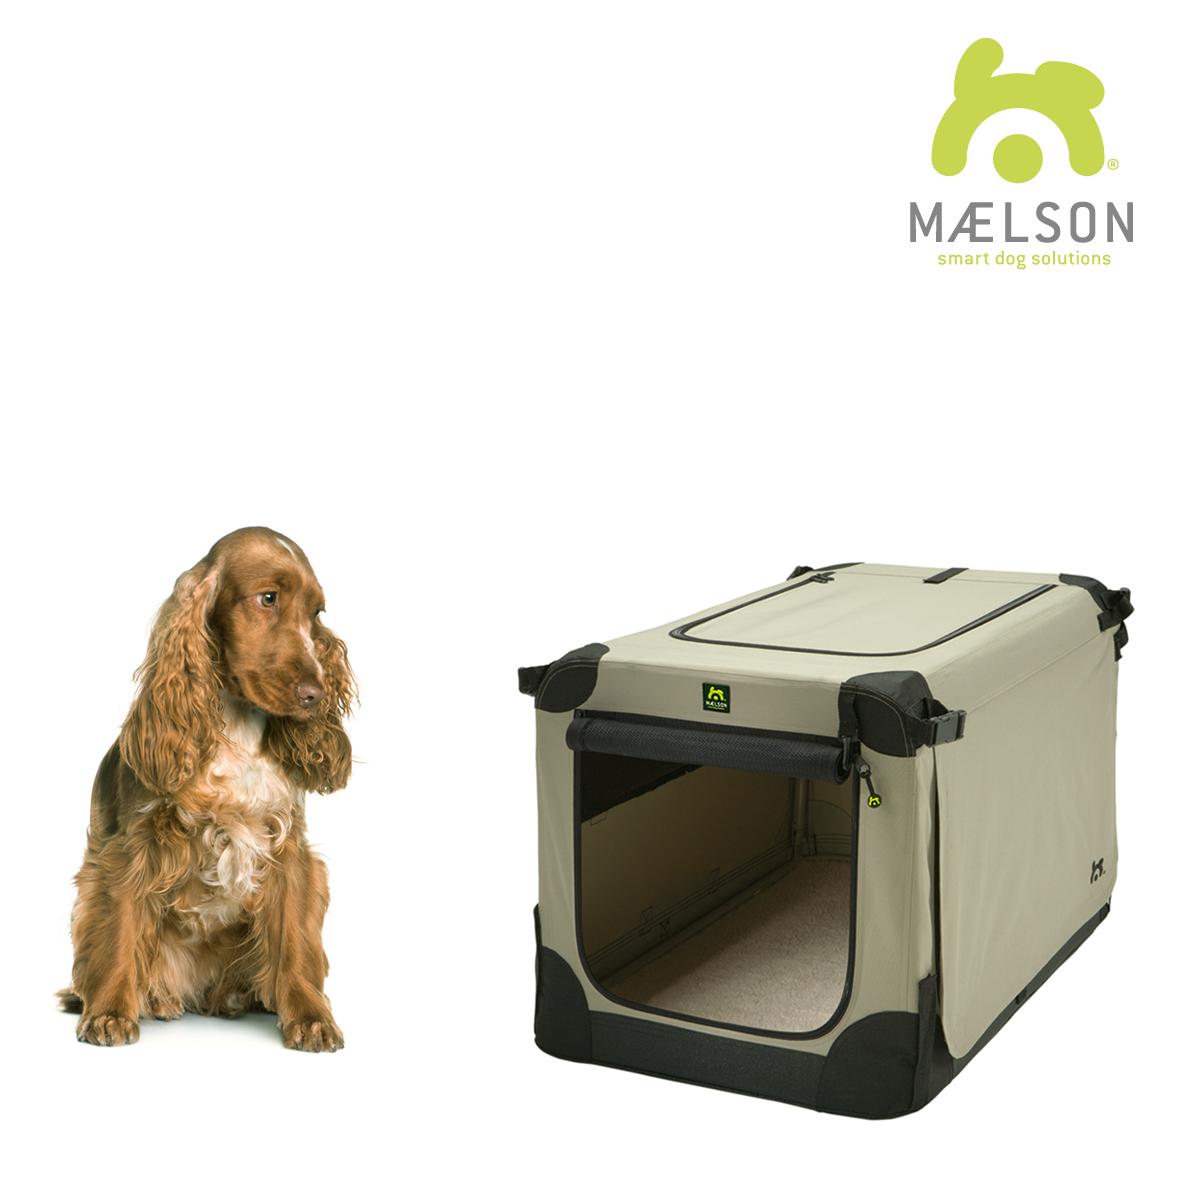 Přepravka pro psy Maelson - černo-béžová - L, 82x59x59 cm